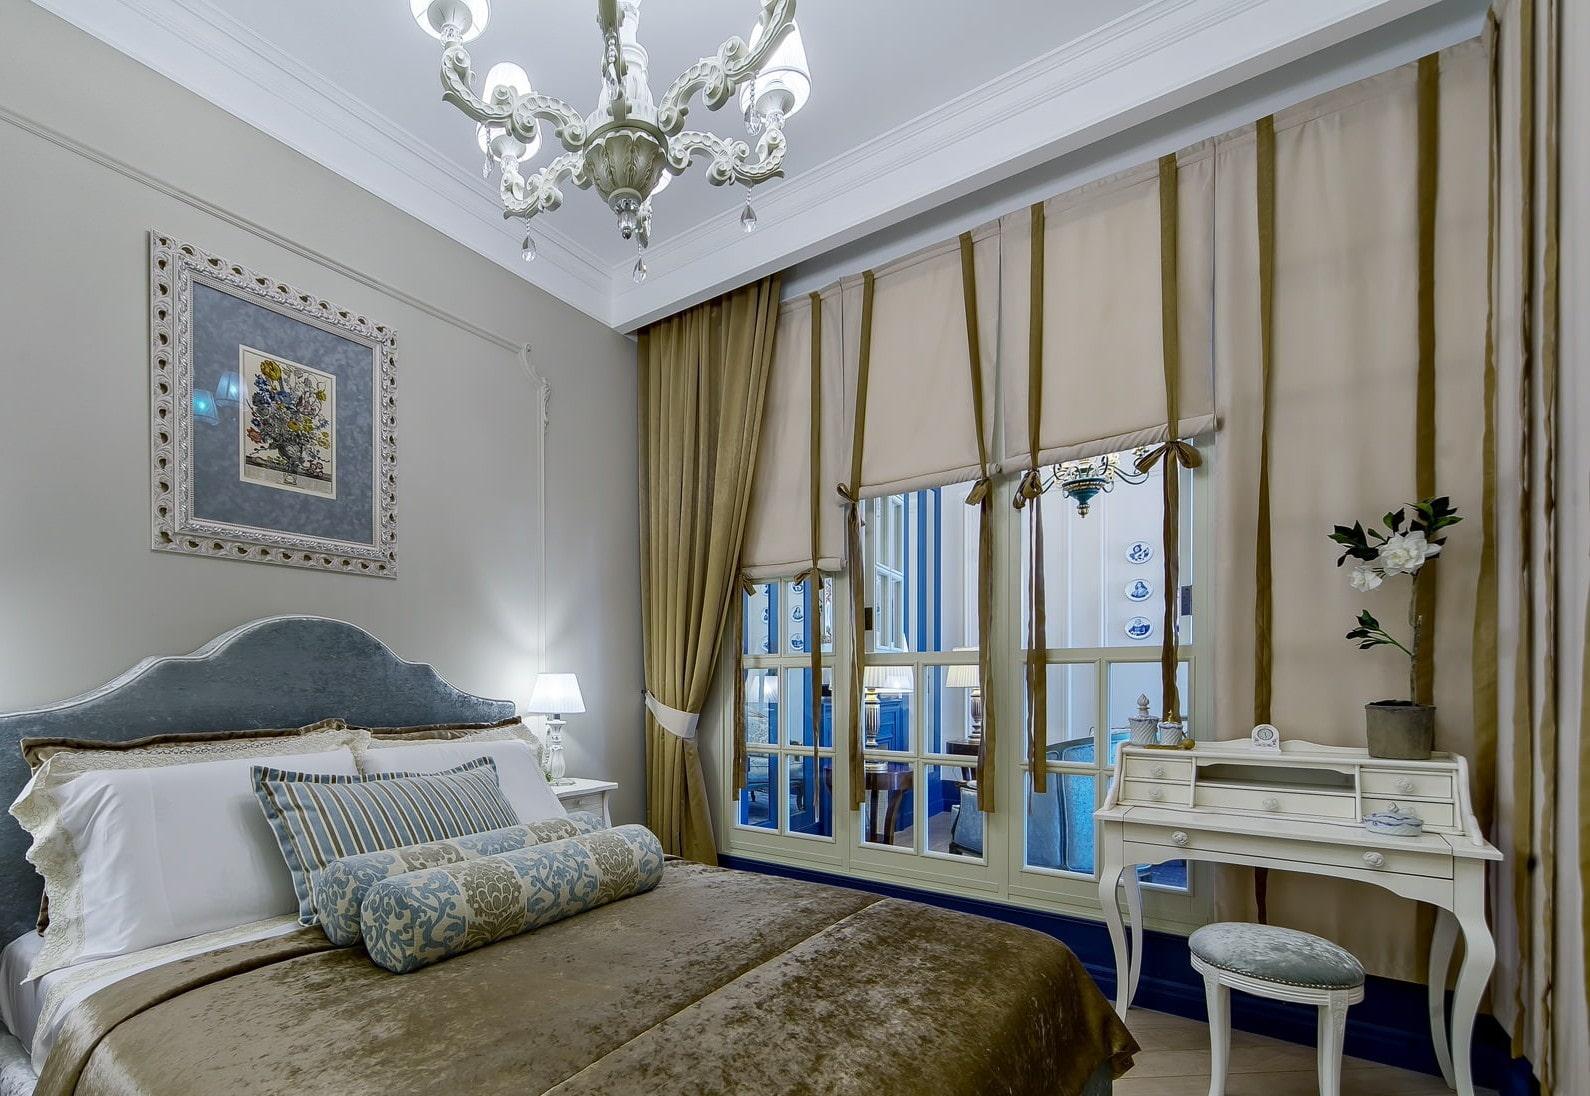 Как окна в помещении влияют на выбор его дизайна_2